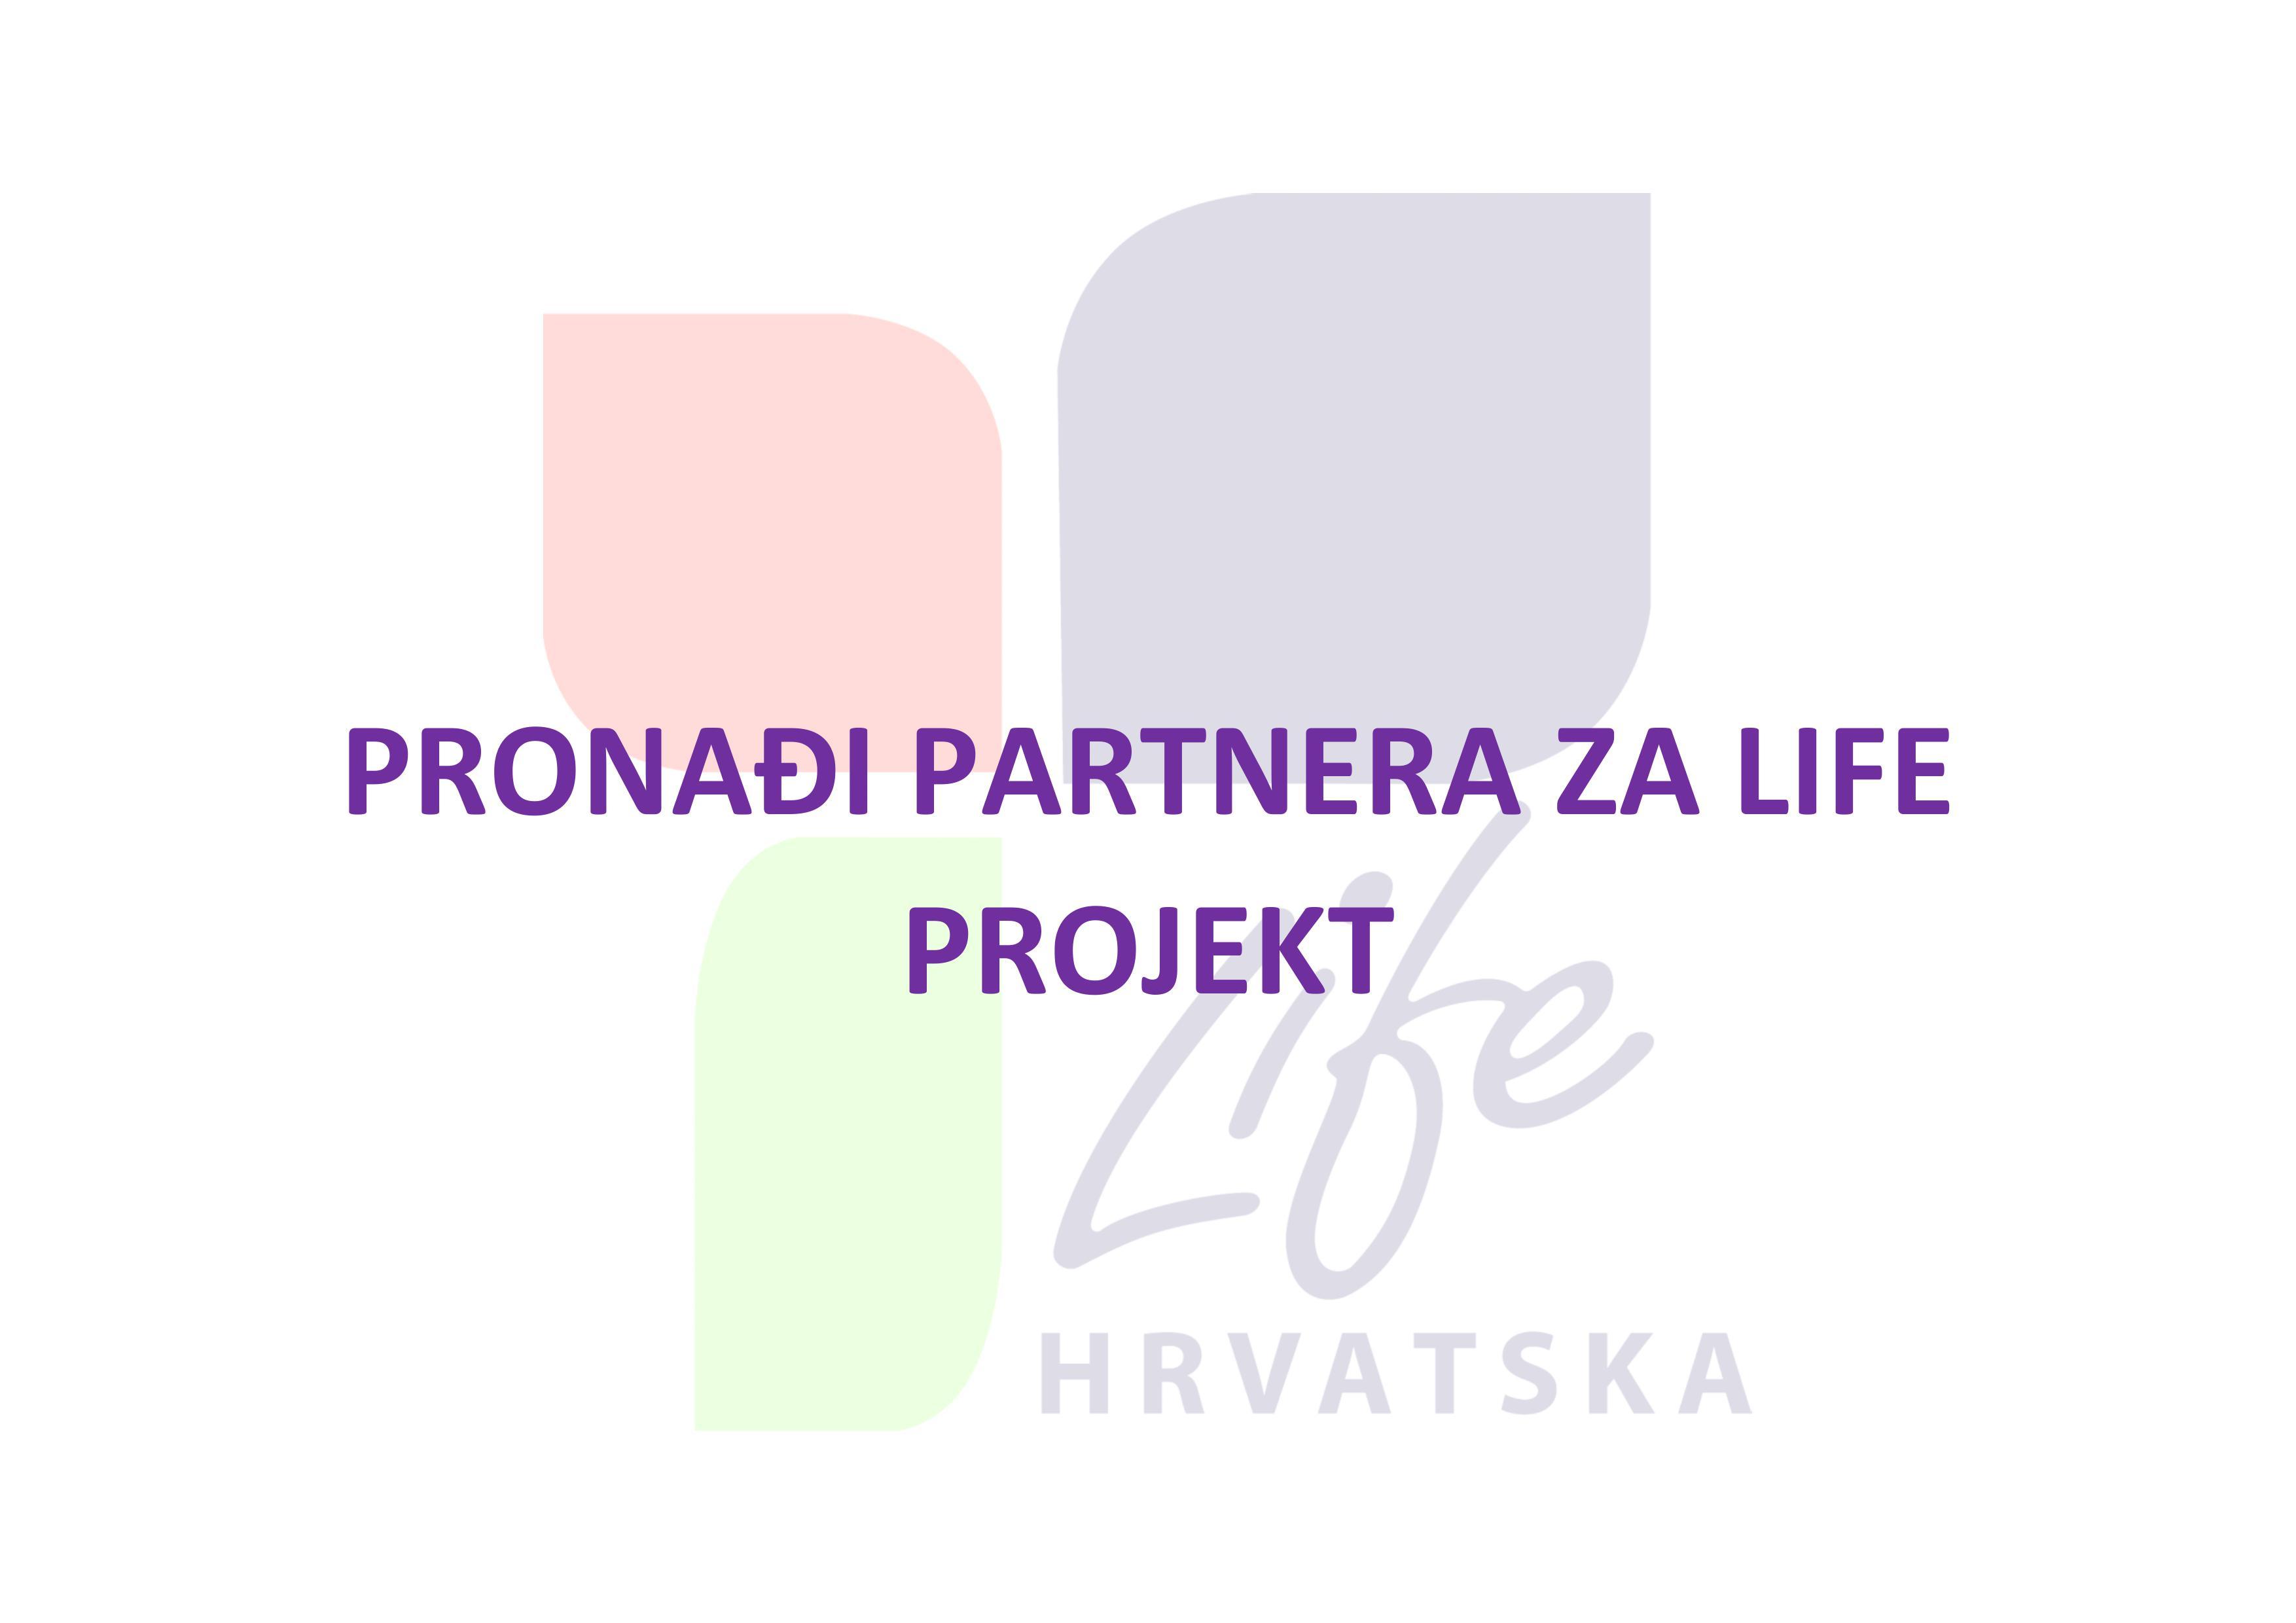 Pronađite partnera za LIFE projekt